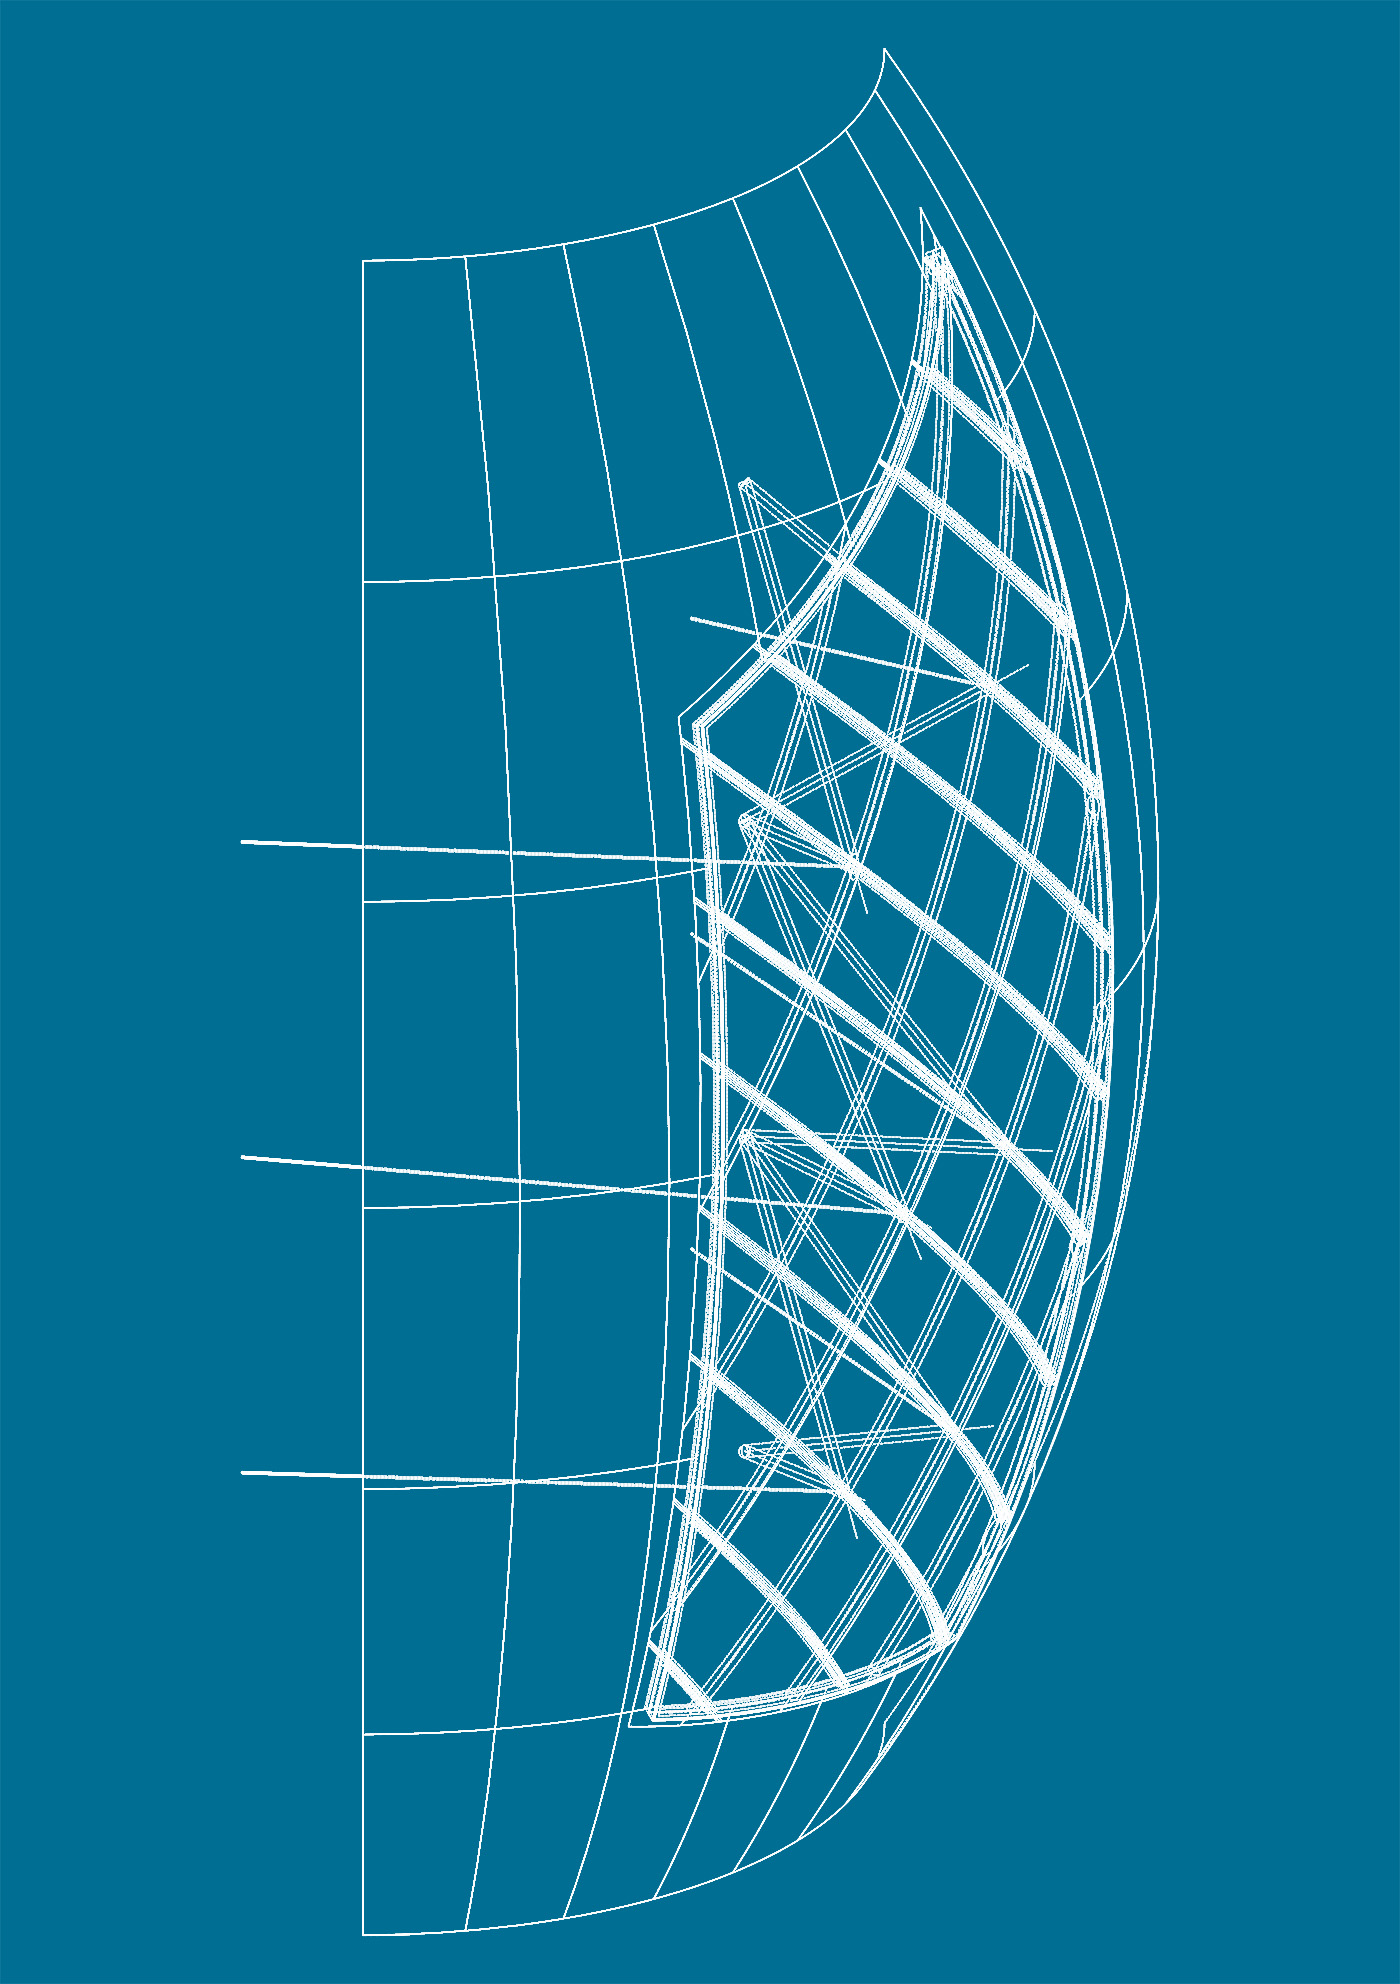 Il nuovo centro sportivo della Sohar University, in Oman, con le sue iconiche vele | project management | schema per l'ingegnerizzazione delle vele | Bottega di Architettura